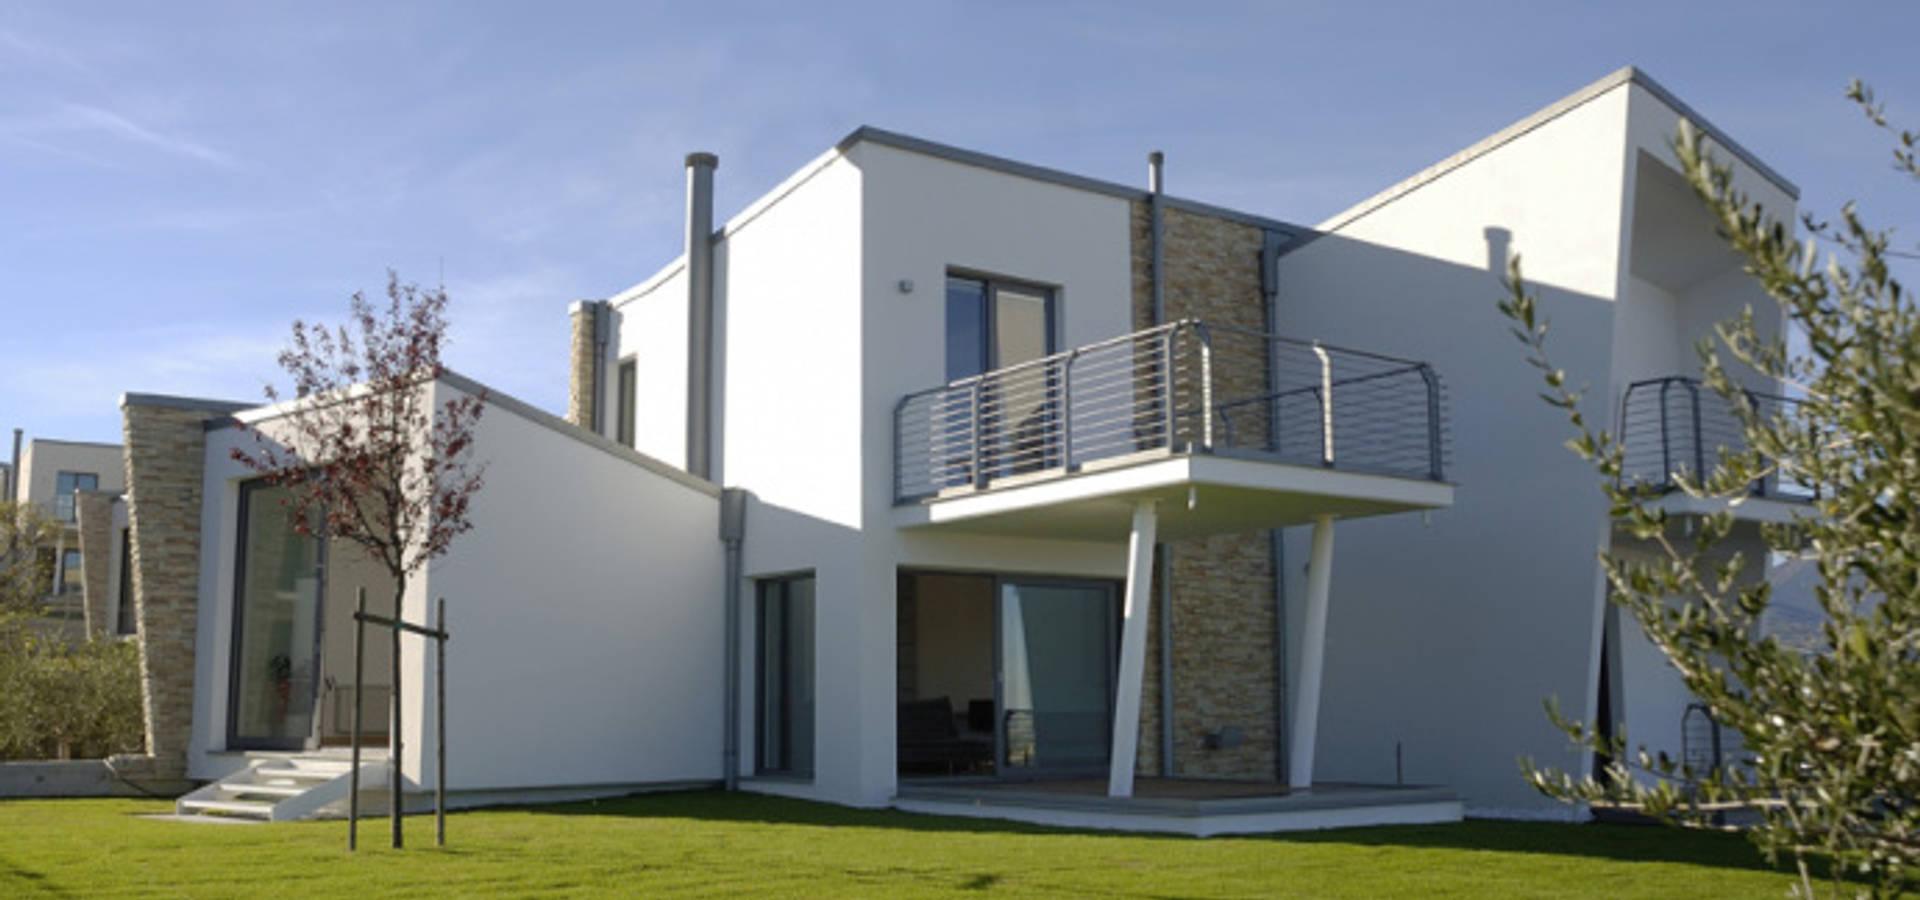 Complesso residenziale mirante por pomp0ni associati srl for Appartamenti a due piani